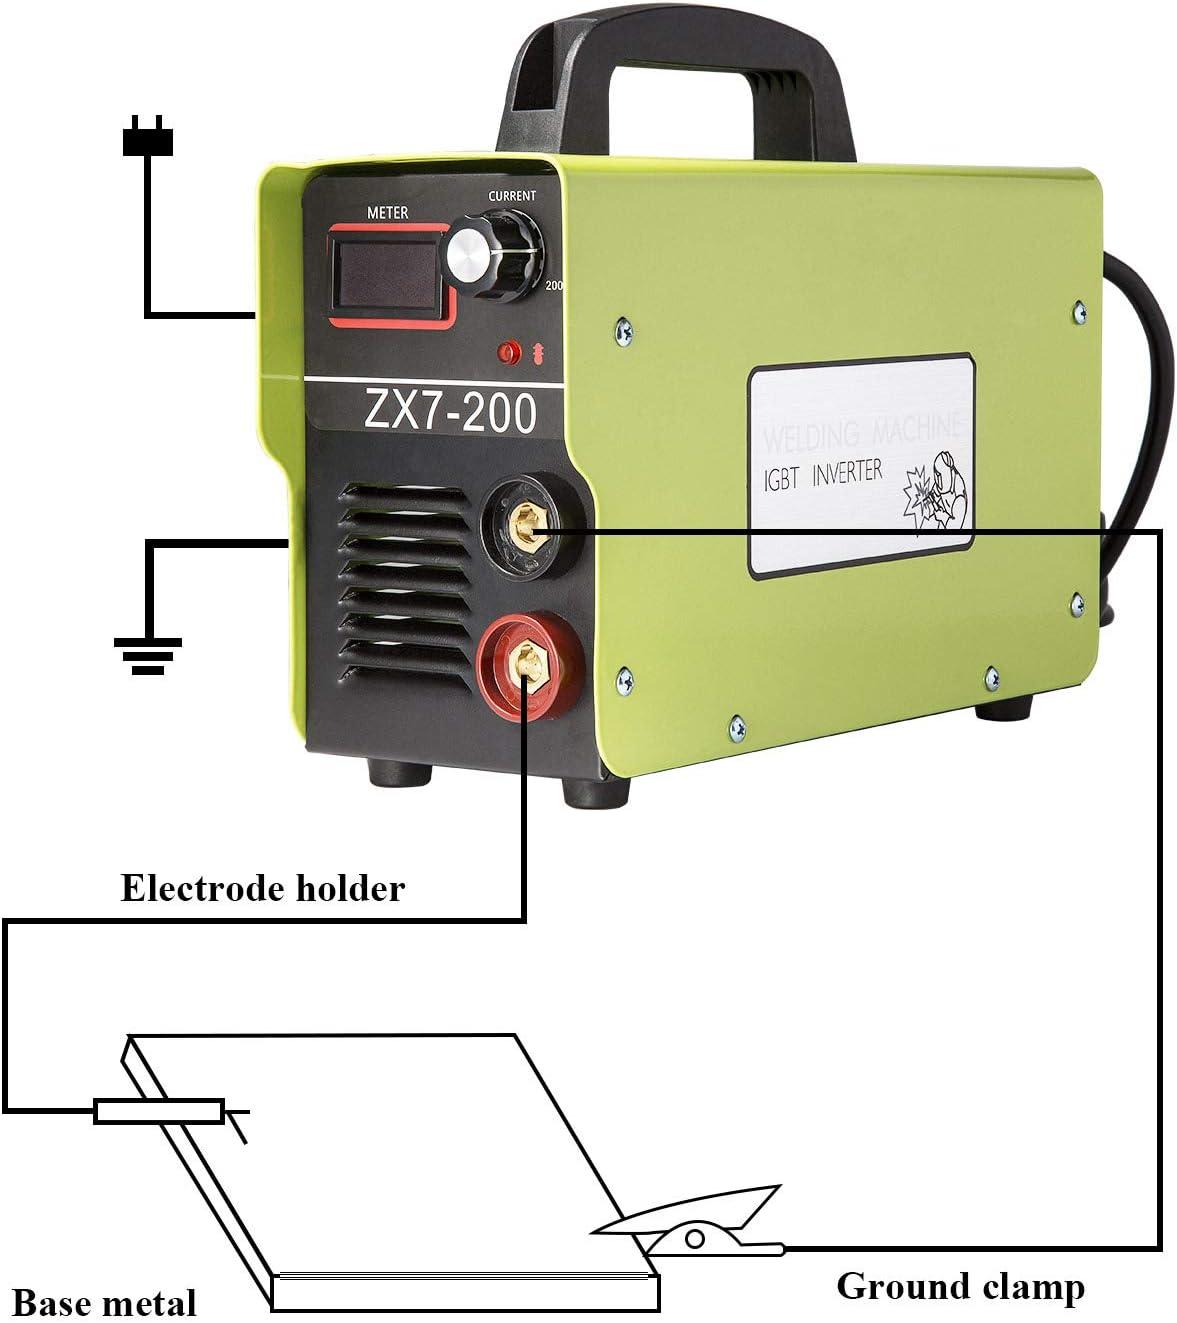 ENJOHOS Soudage//Poste /à Souder /à larc IGBT Inverter Technologie Onduleur 200A Vert 3.8kg Accessoires de Soudure pour Soudage Acier//Fonte,Ferronnerie,Serrurerie,T/ôlerie Baguettes Soudure Electrode